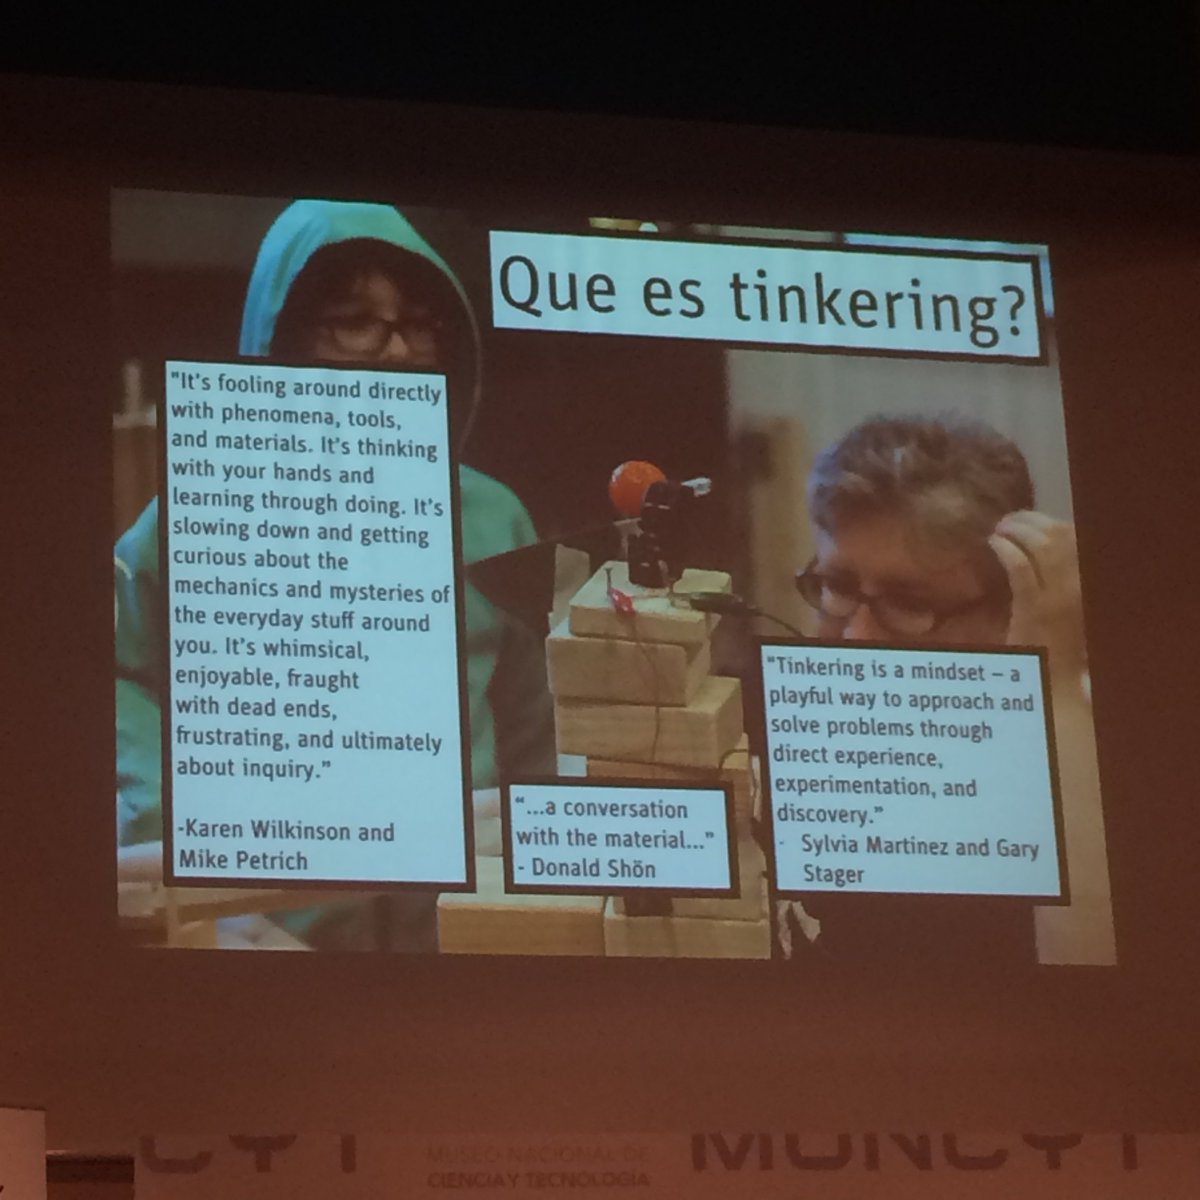 Por si os lo estáis preguntado, Tinkering es todo esto:  #ScientixSpain https://t.co/qxSnnOr72w